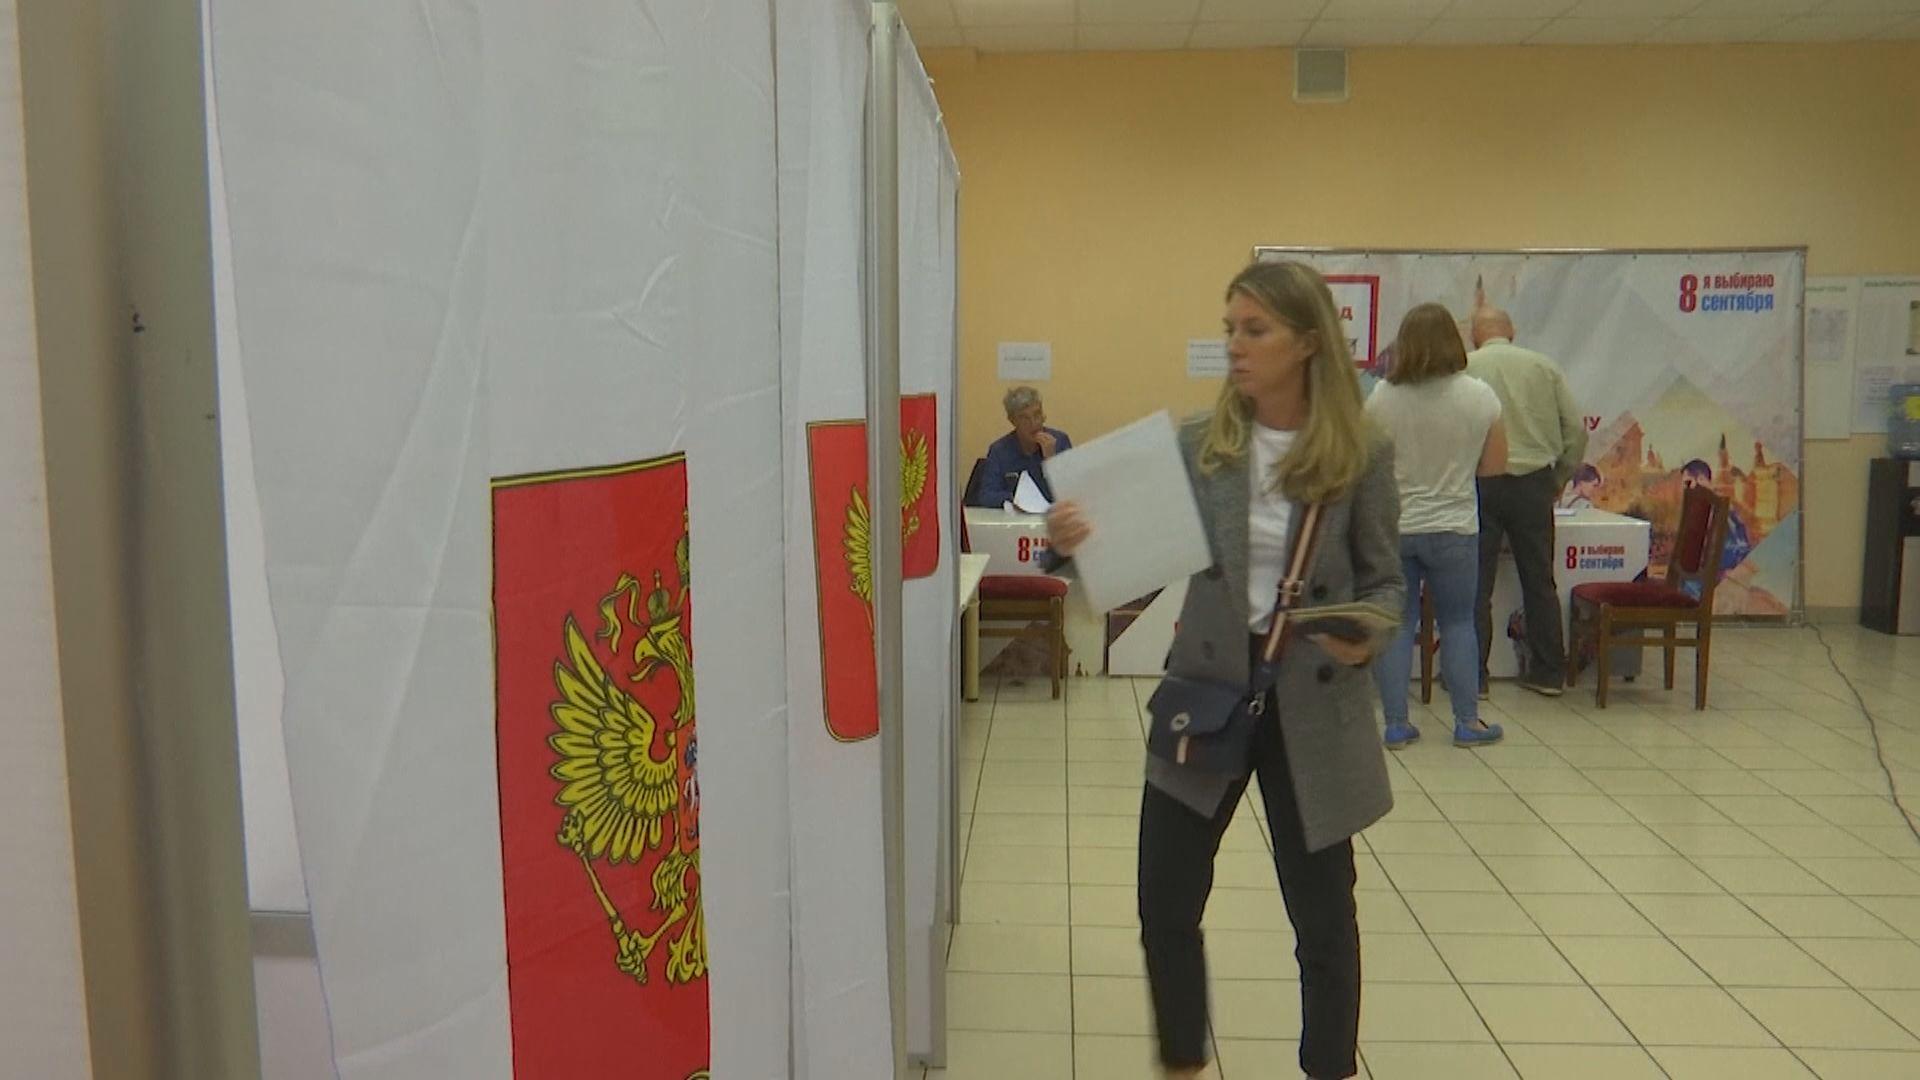 分析:莫斯科市議會選舉反對派配票策略奏效